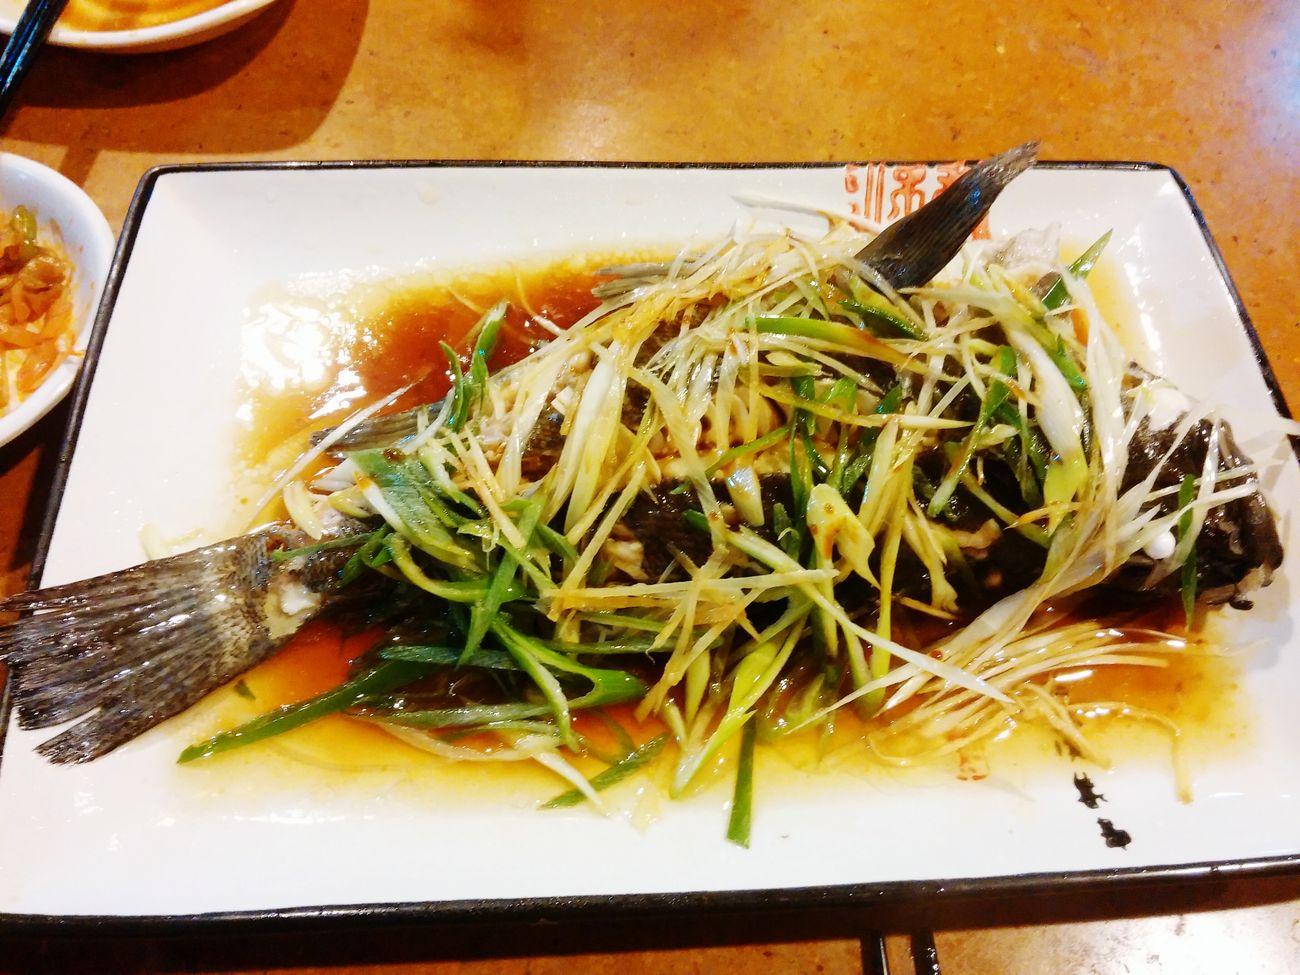 간장소스우럭찜 이거 진짜 존맛.... 생선요리중 갑오브갑 특제간장소스 맛있졍 딜리셔스 오이시 하오츠 Food 중화요리